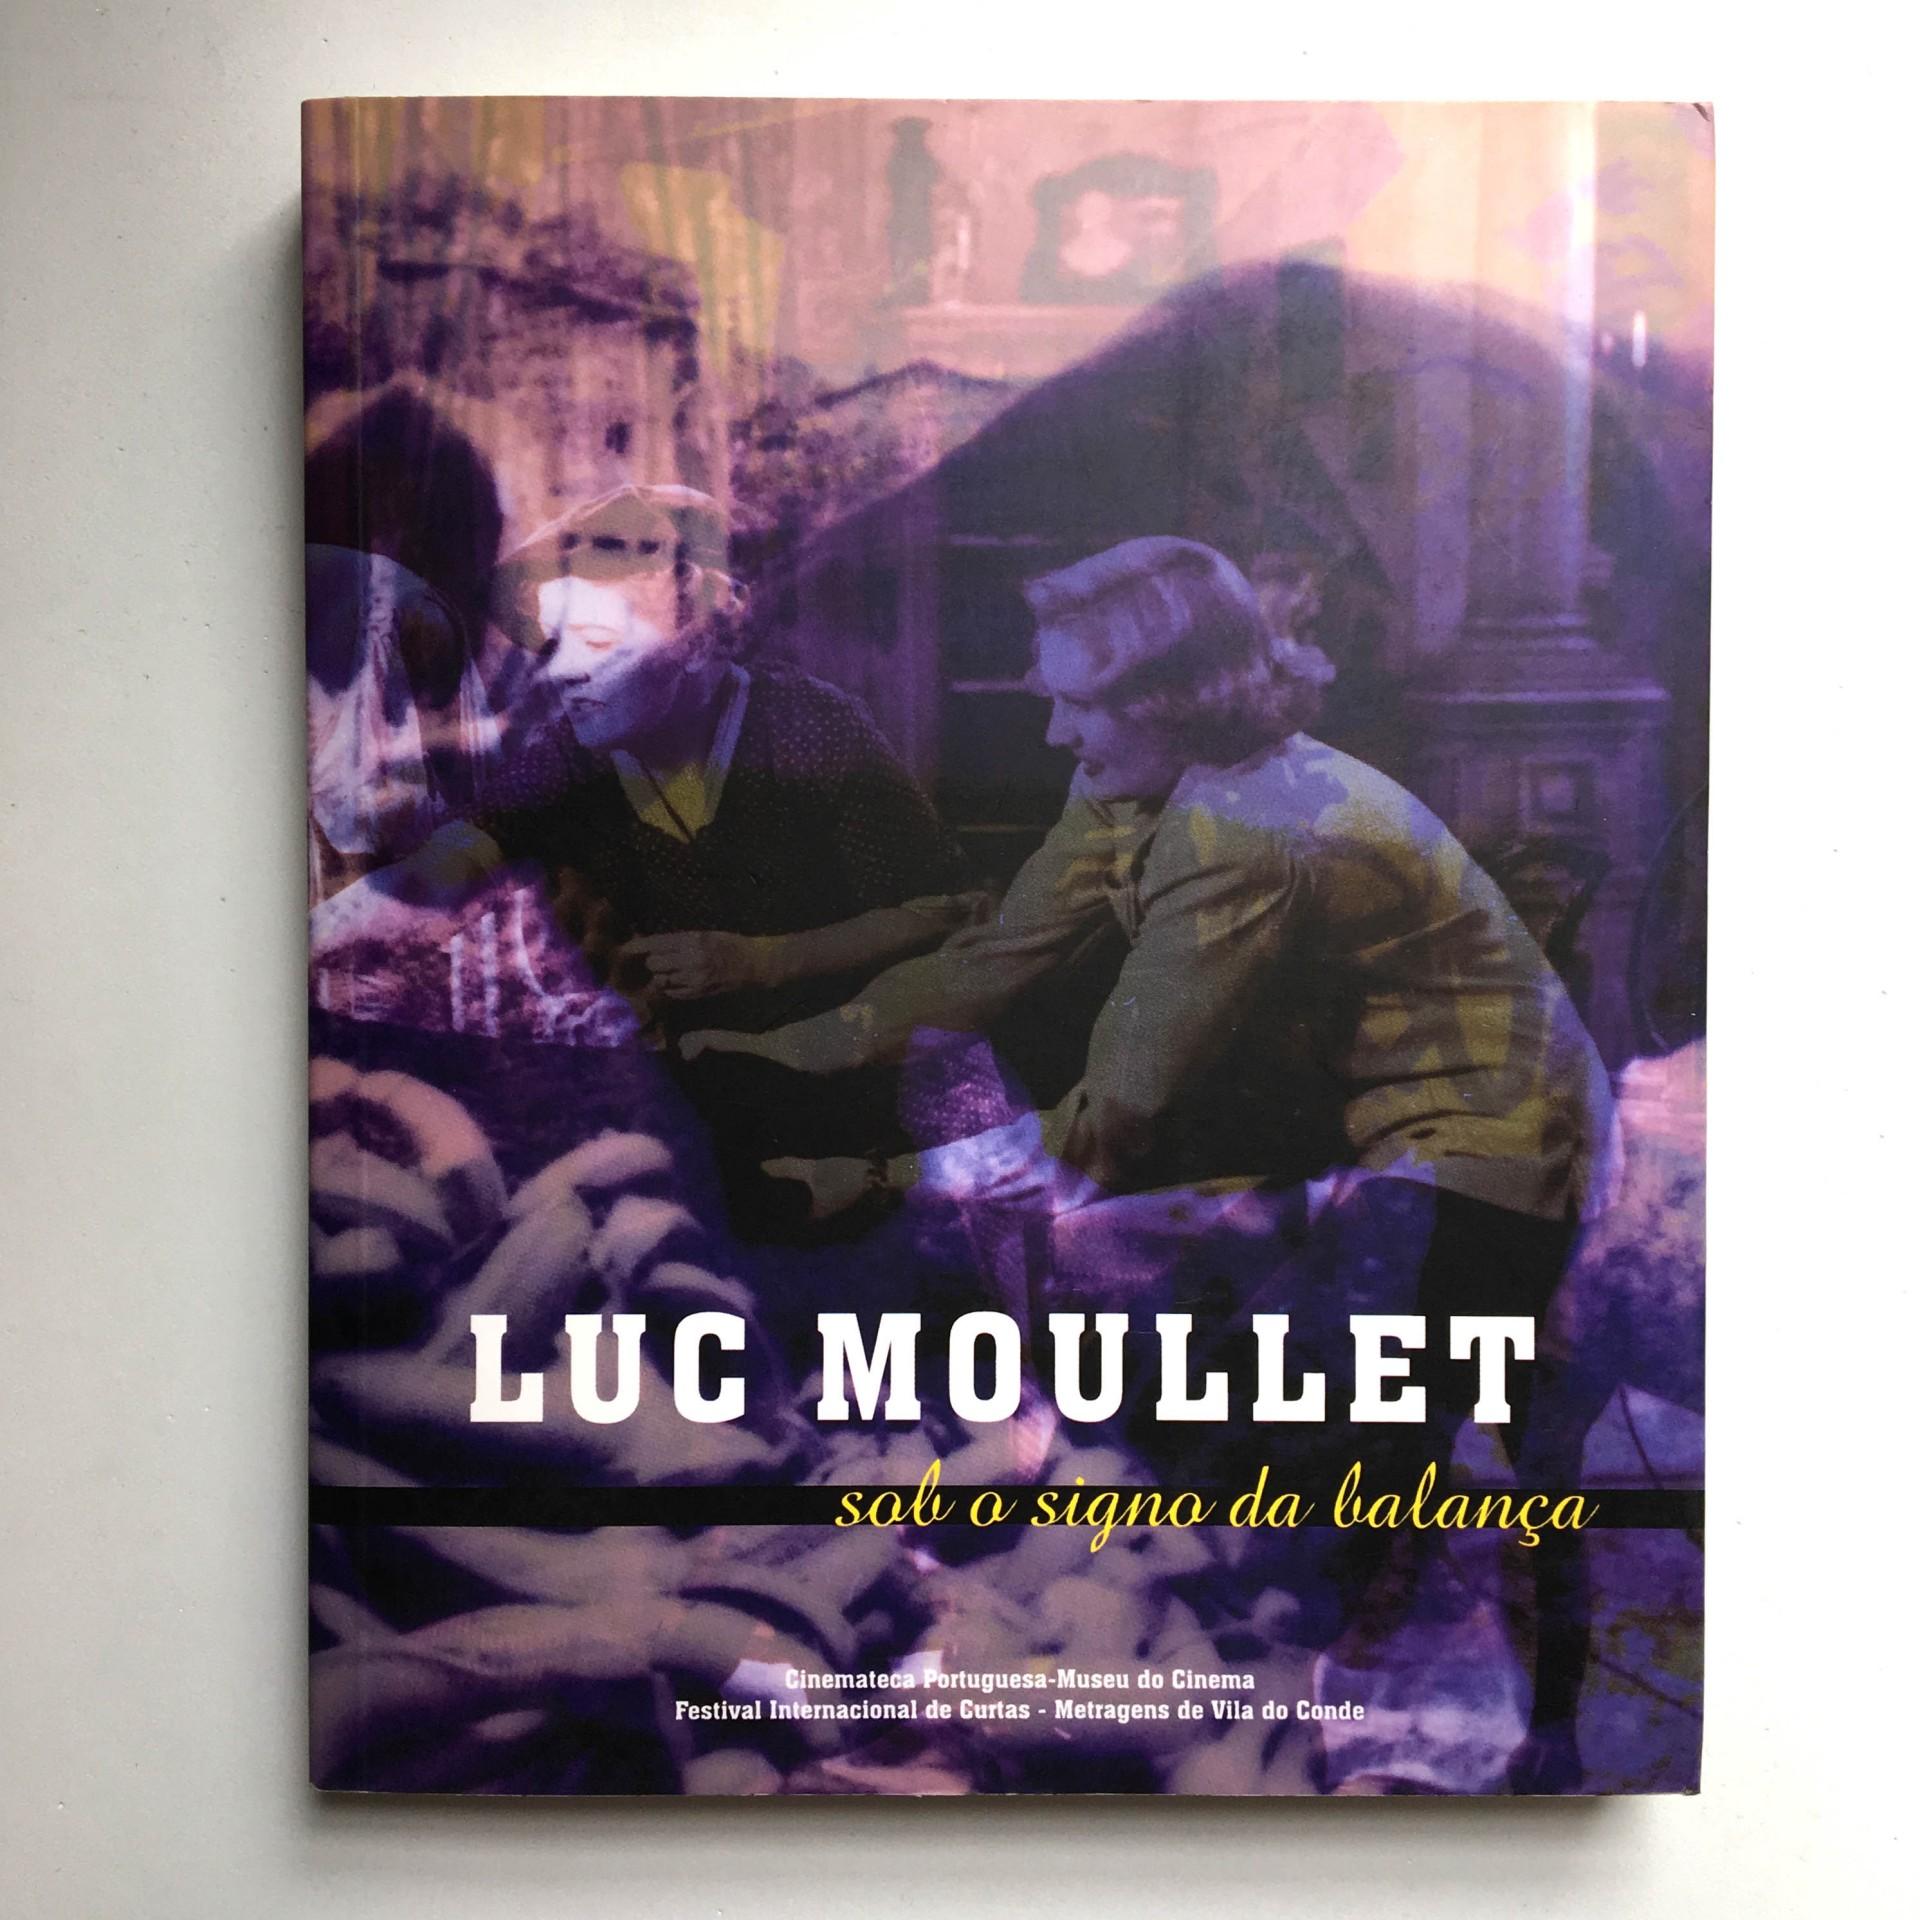 Luc Moullet: sob o signo da balança